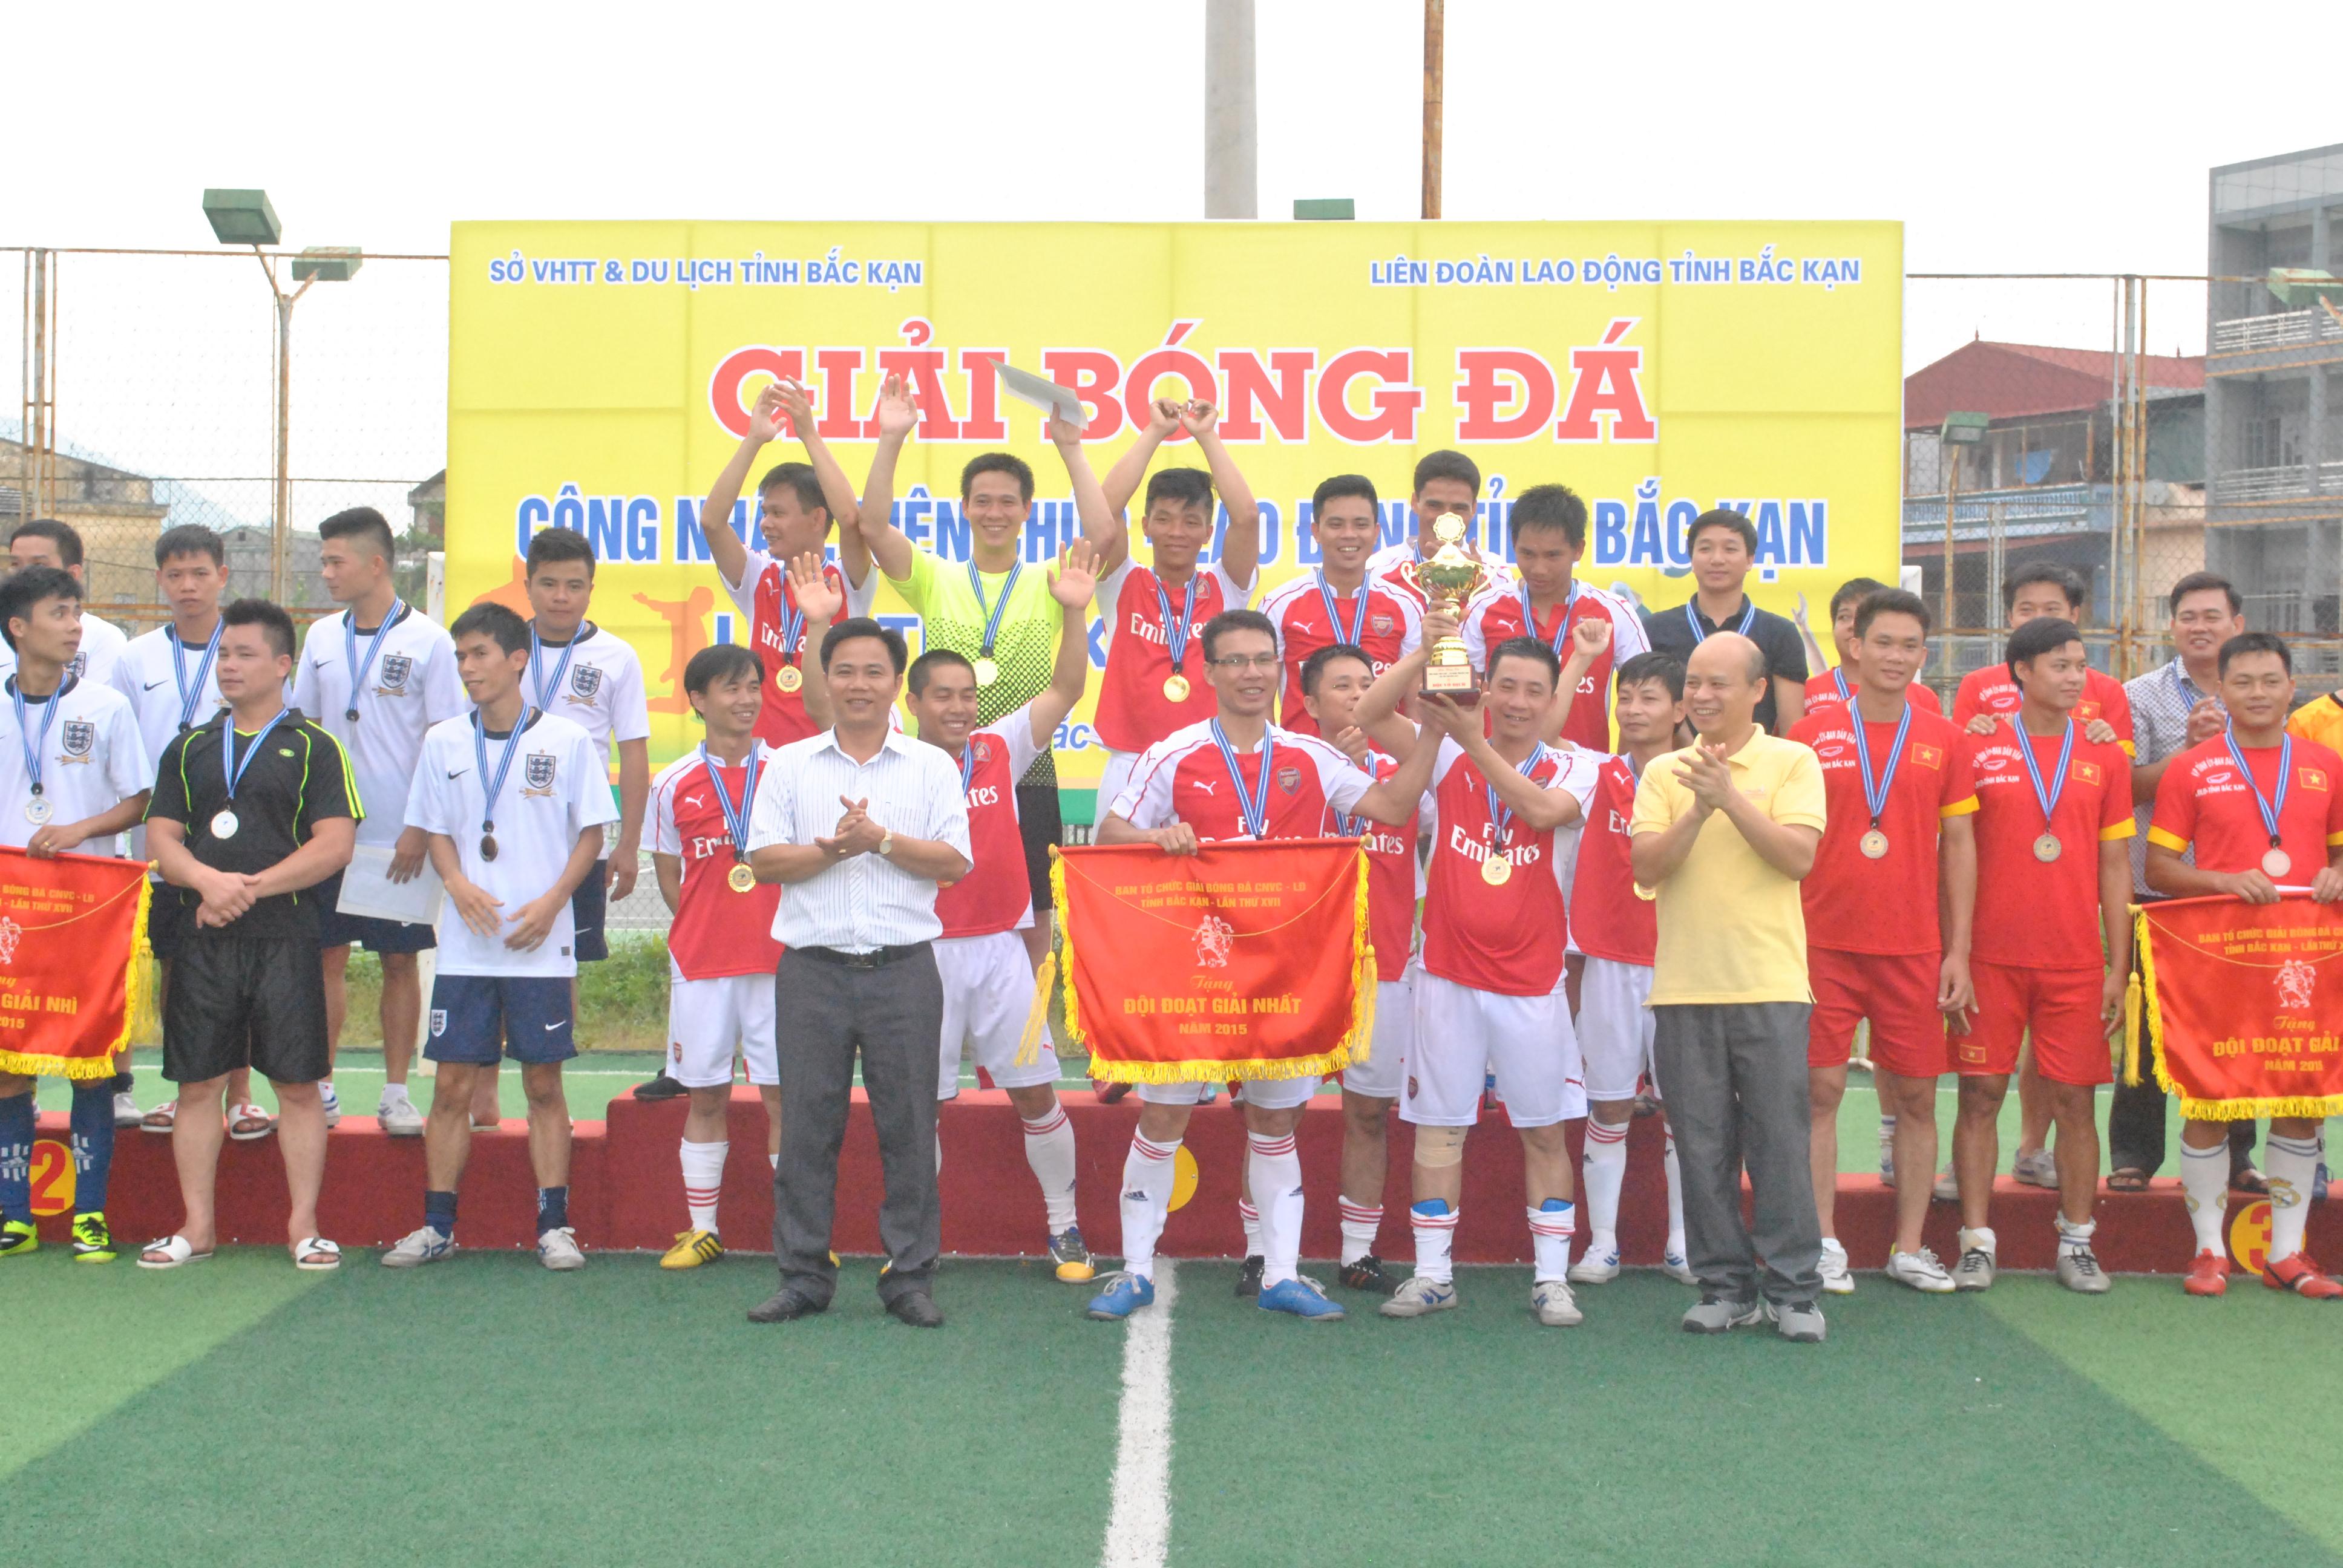 Giải bóng đá CNVCLĐ tỉnh Bắc Kạn lần thứ XVII năm 2015: Đội bóng đá Cty Điện lực Bắc Kạn giành Huy chương vàng